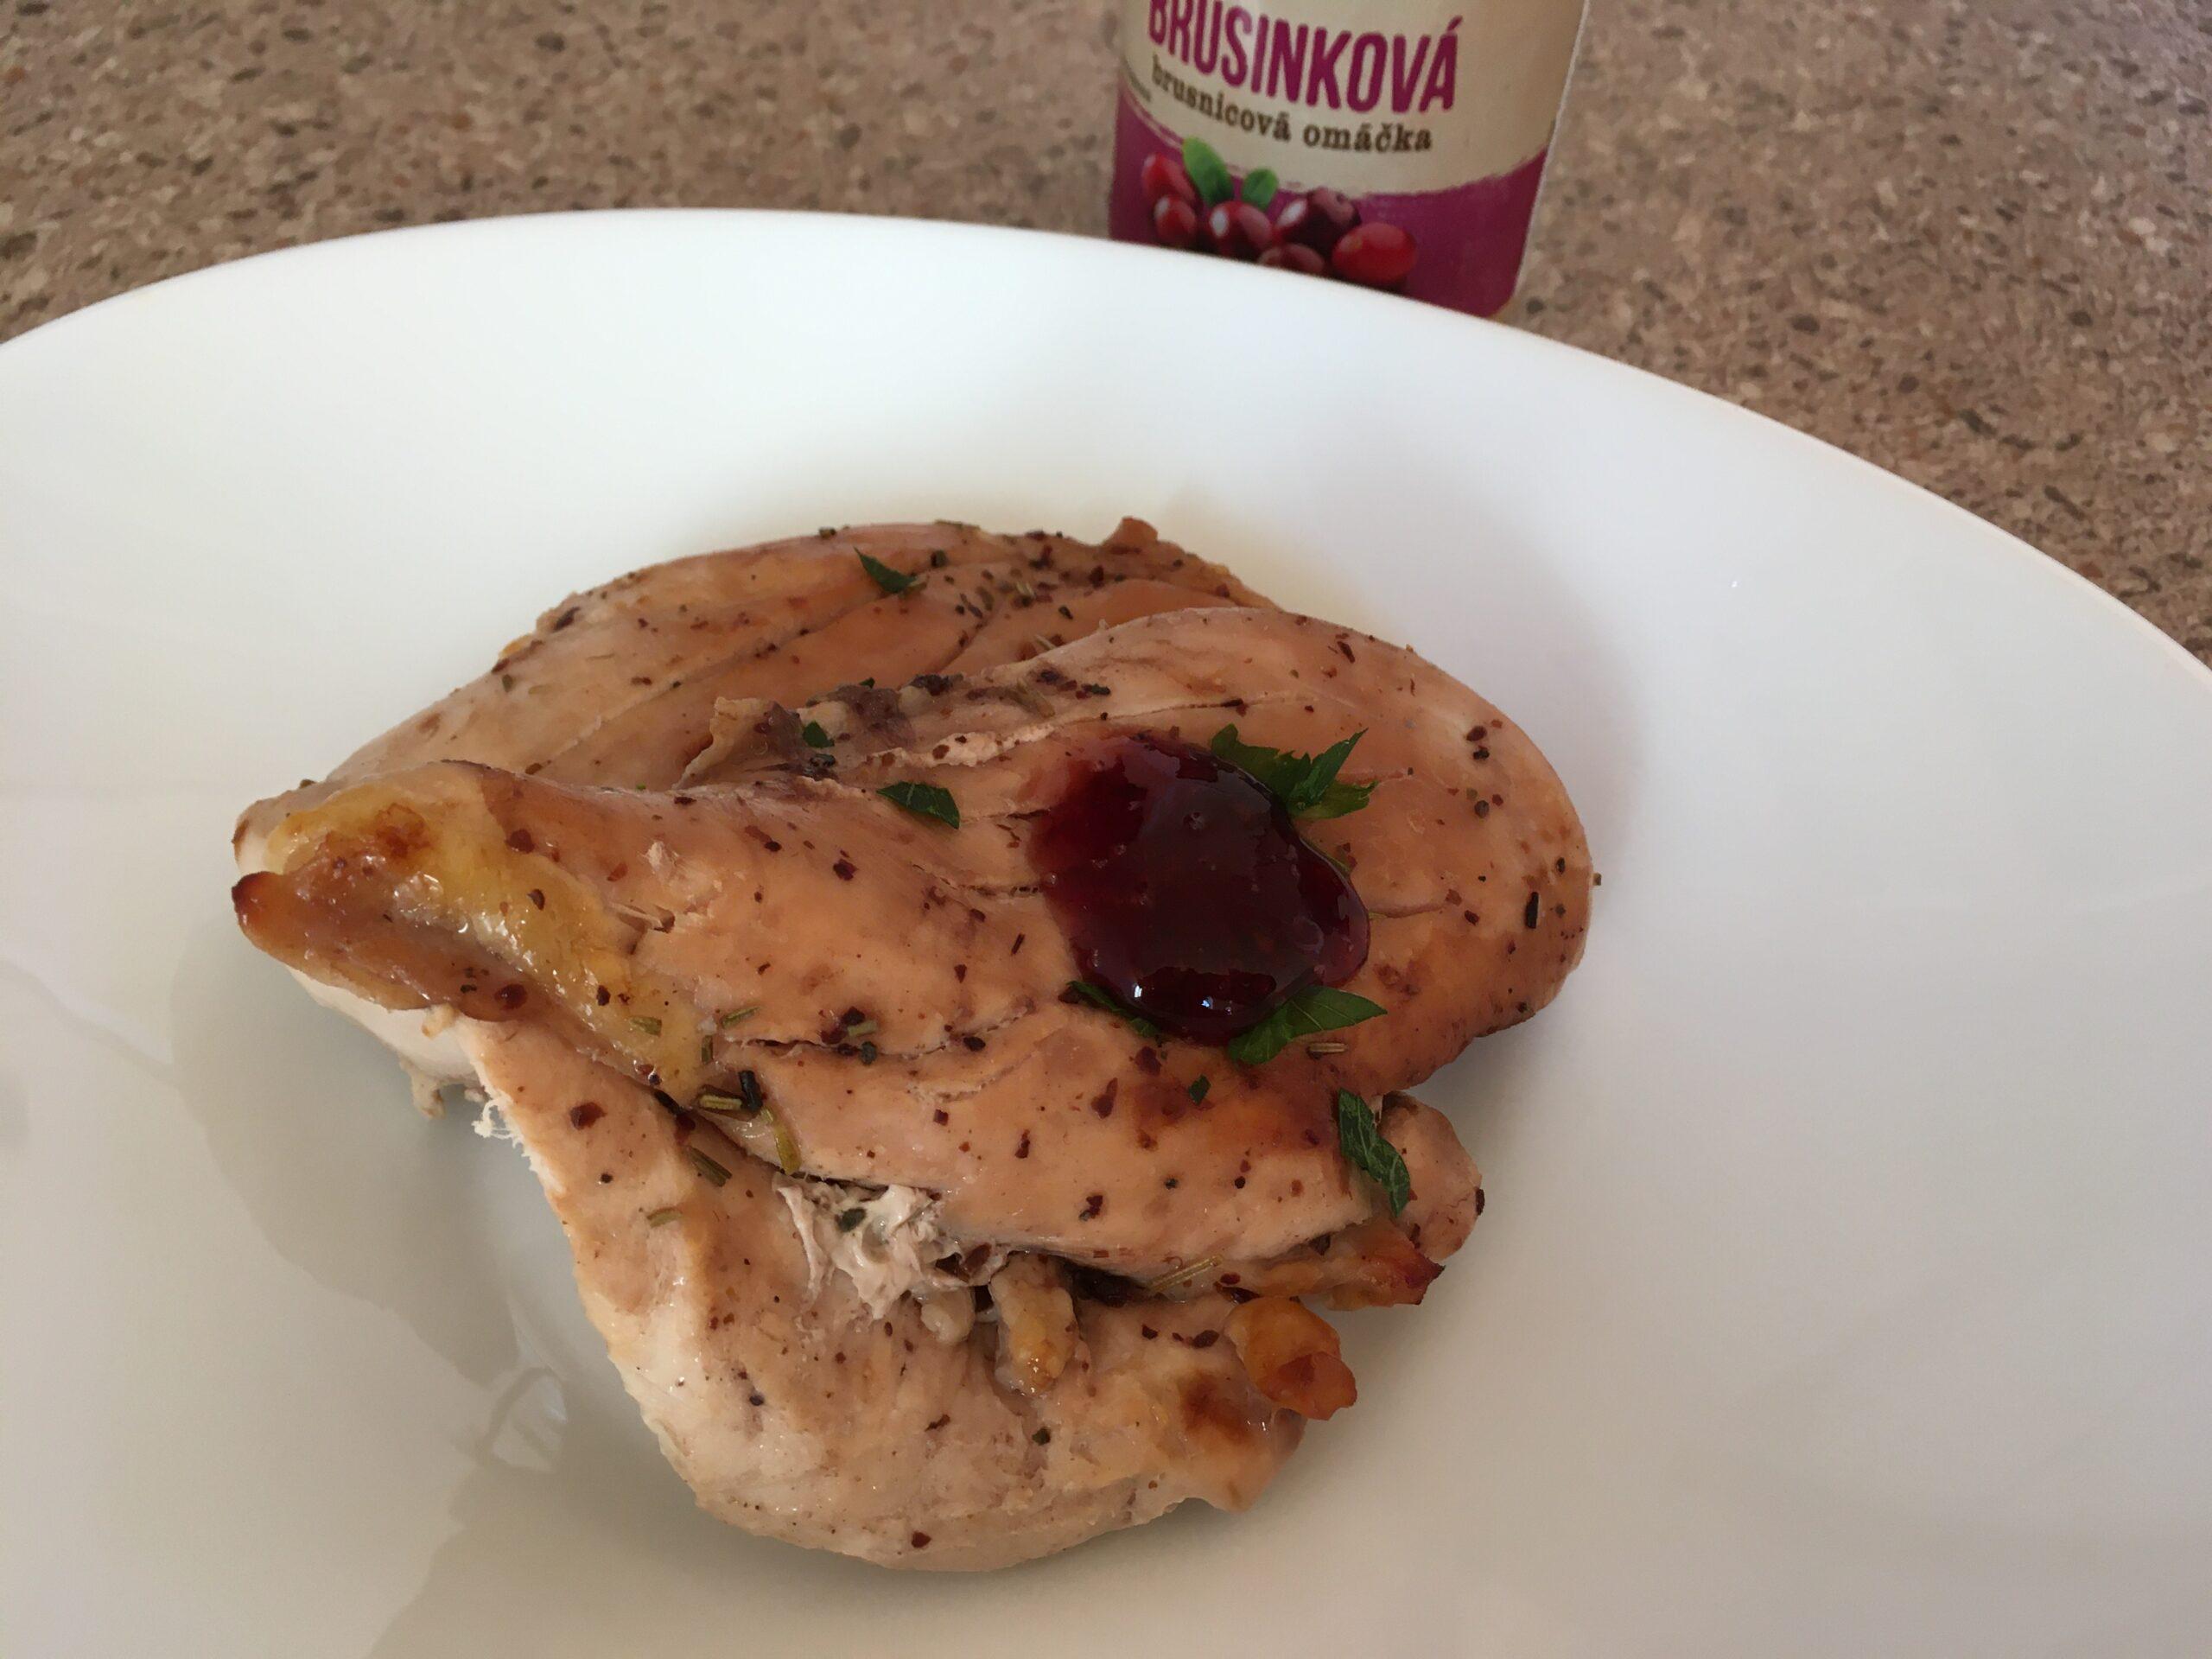 Филе куриной грудки с брусничным соусом, запеченное в духовке